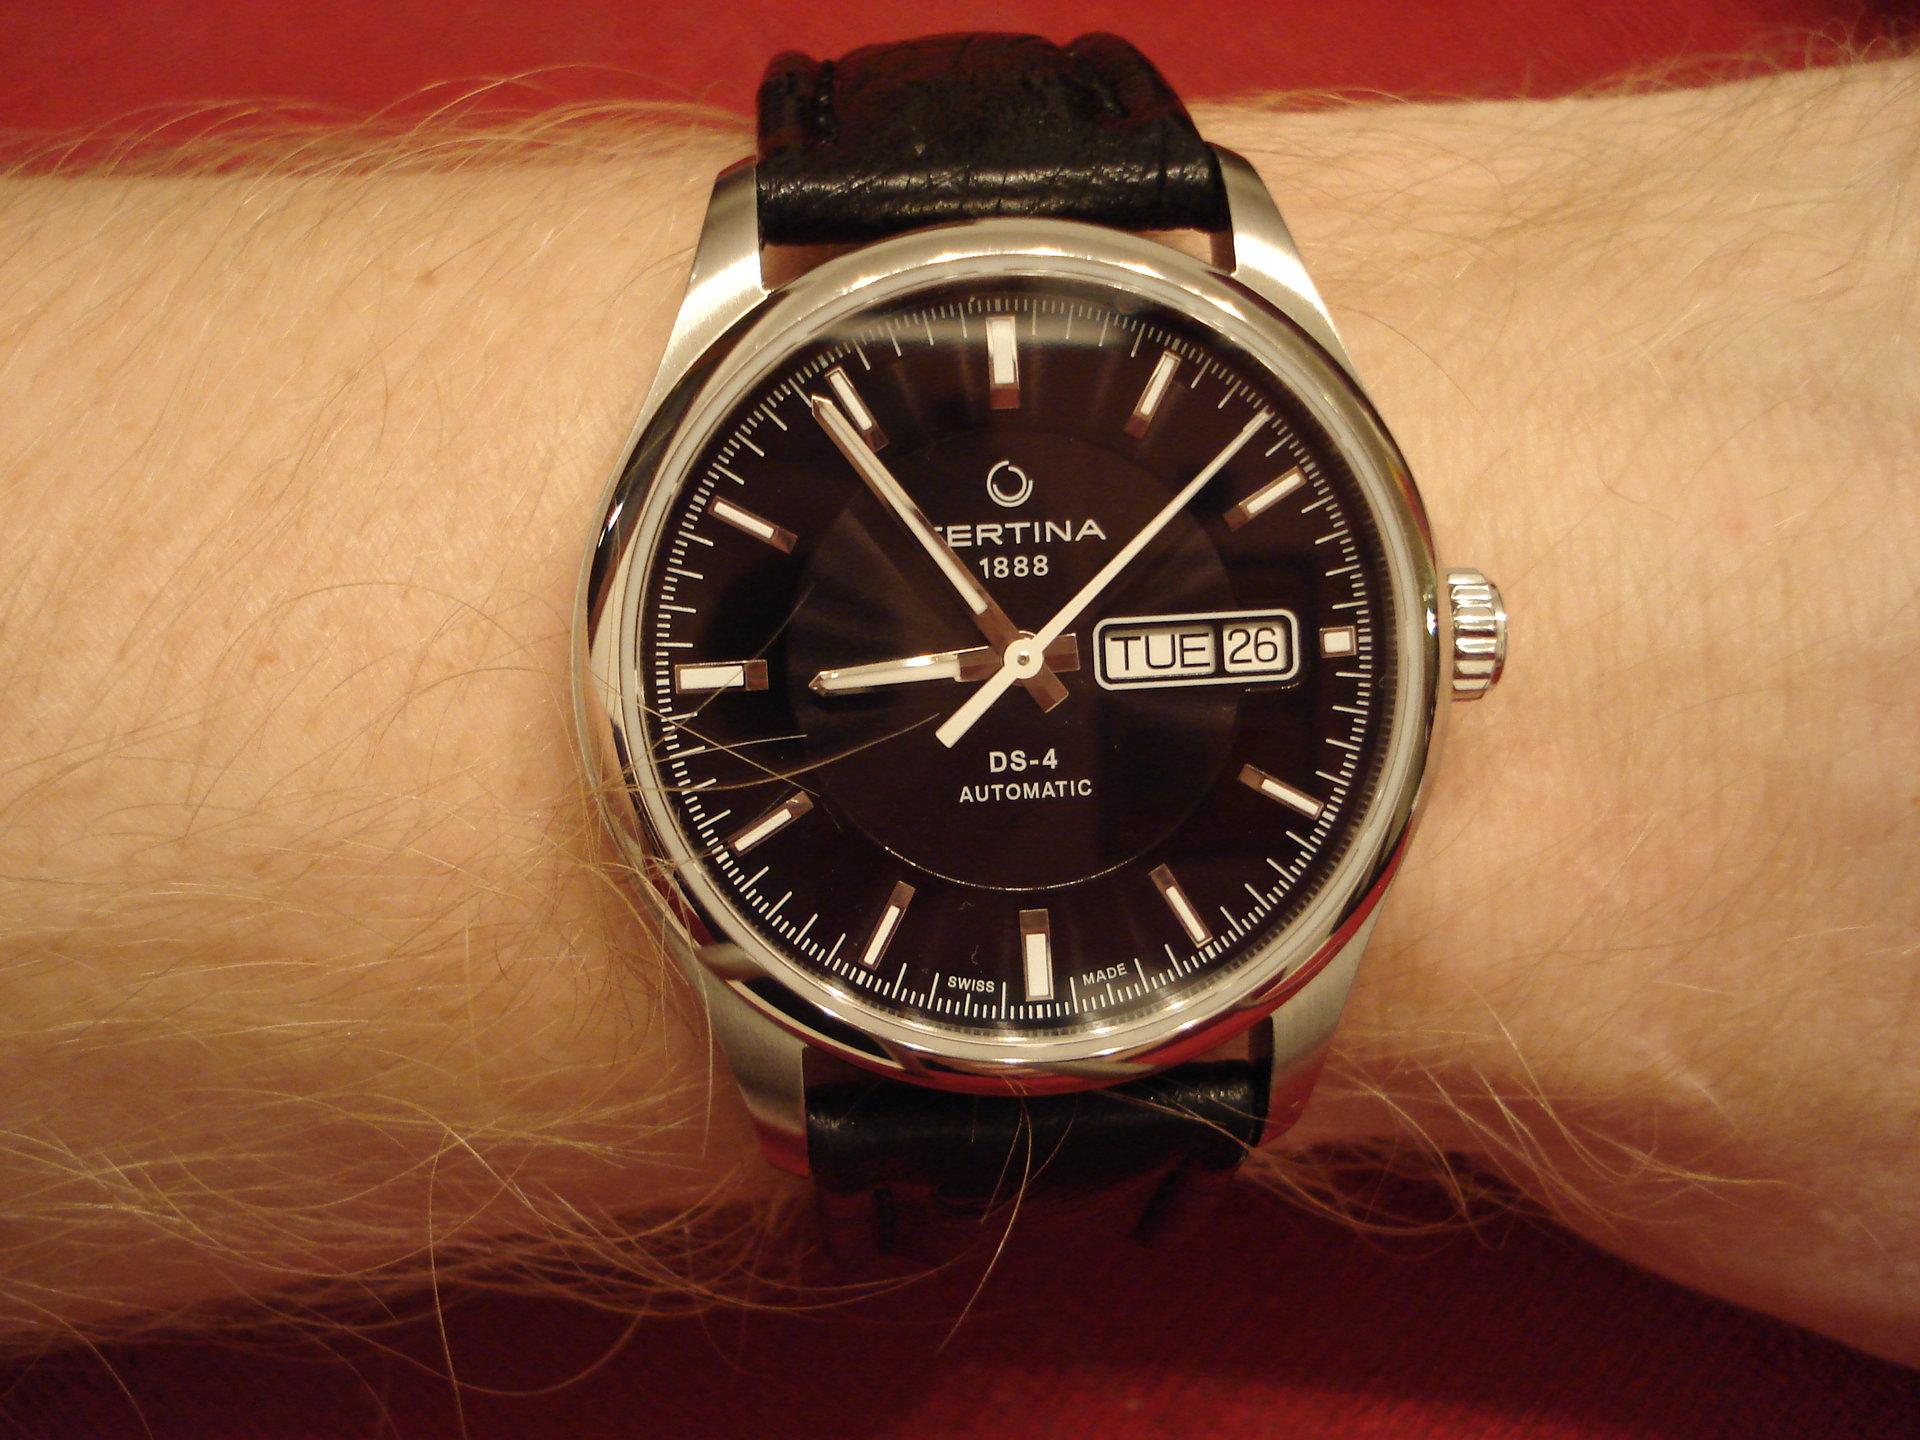 Швейцарские часы certina хороши